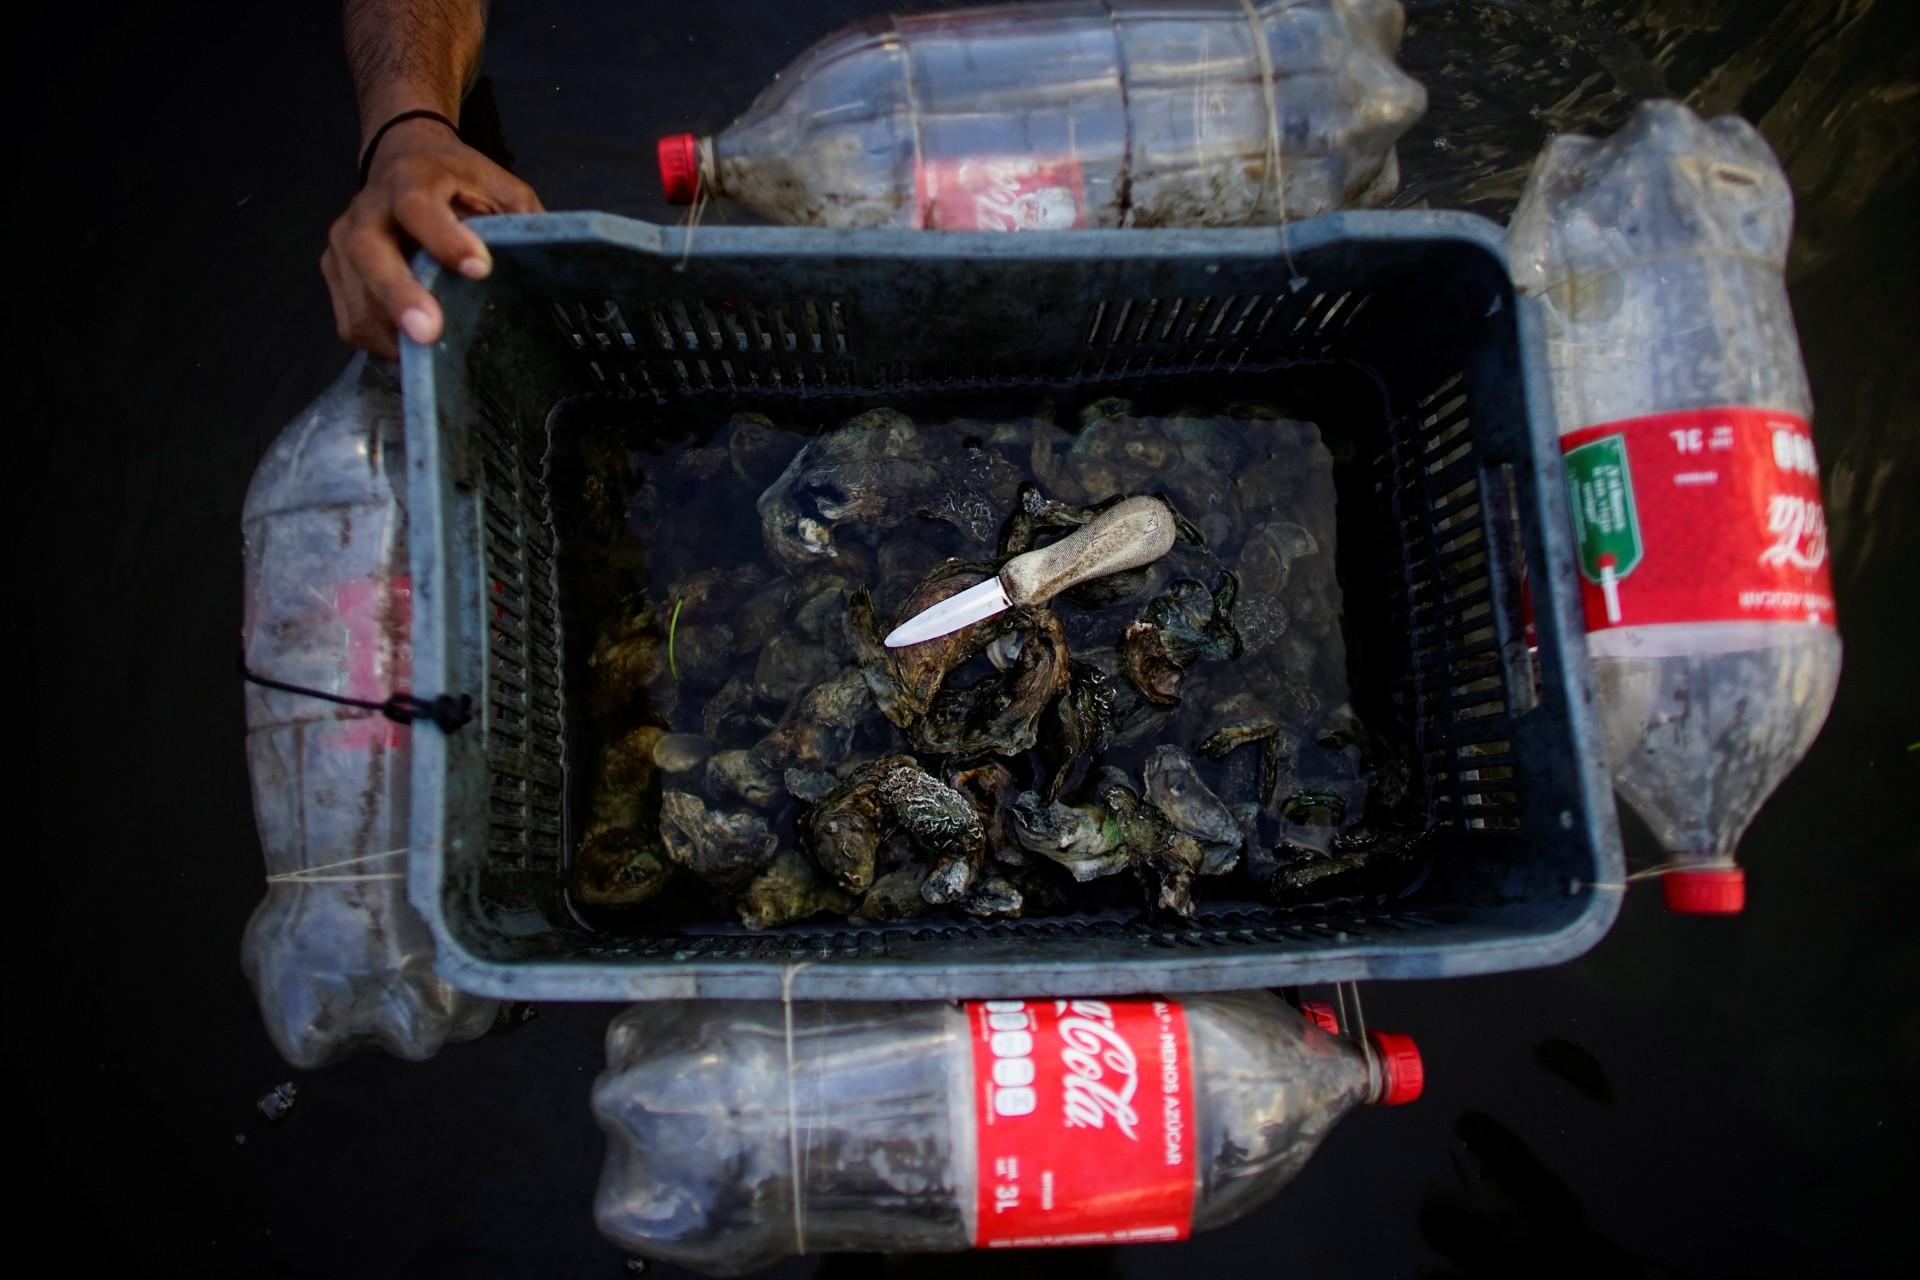 El pescador Carlos Reyes muestra una caja flotante improvisada utilizada para almacenar ostras mientras trabaja en un área de manglares en la laguna Mecoacan cerca de Paraiso, México, el 9 de diciembre de 2018.